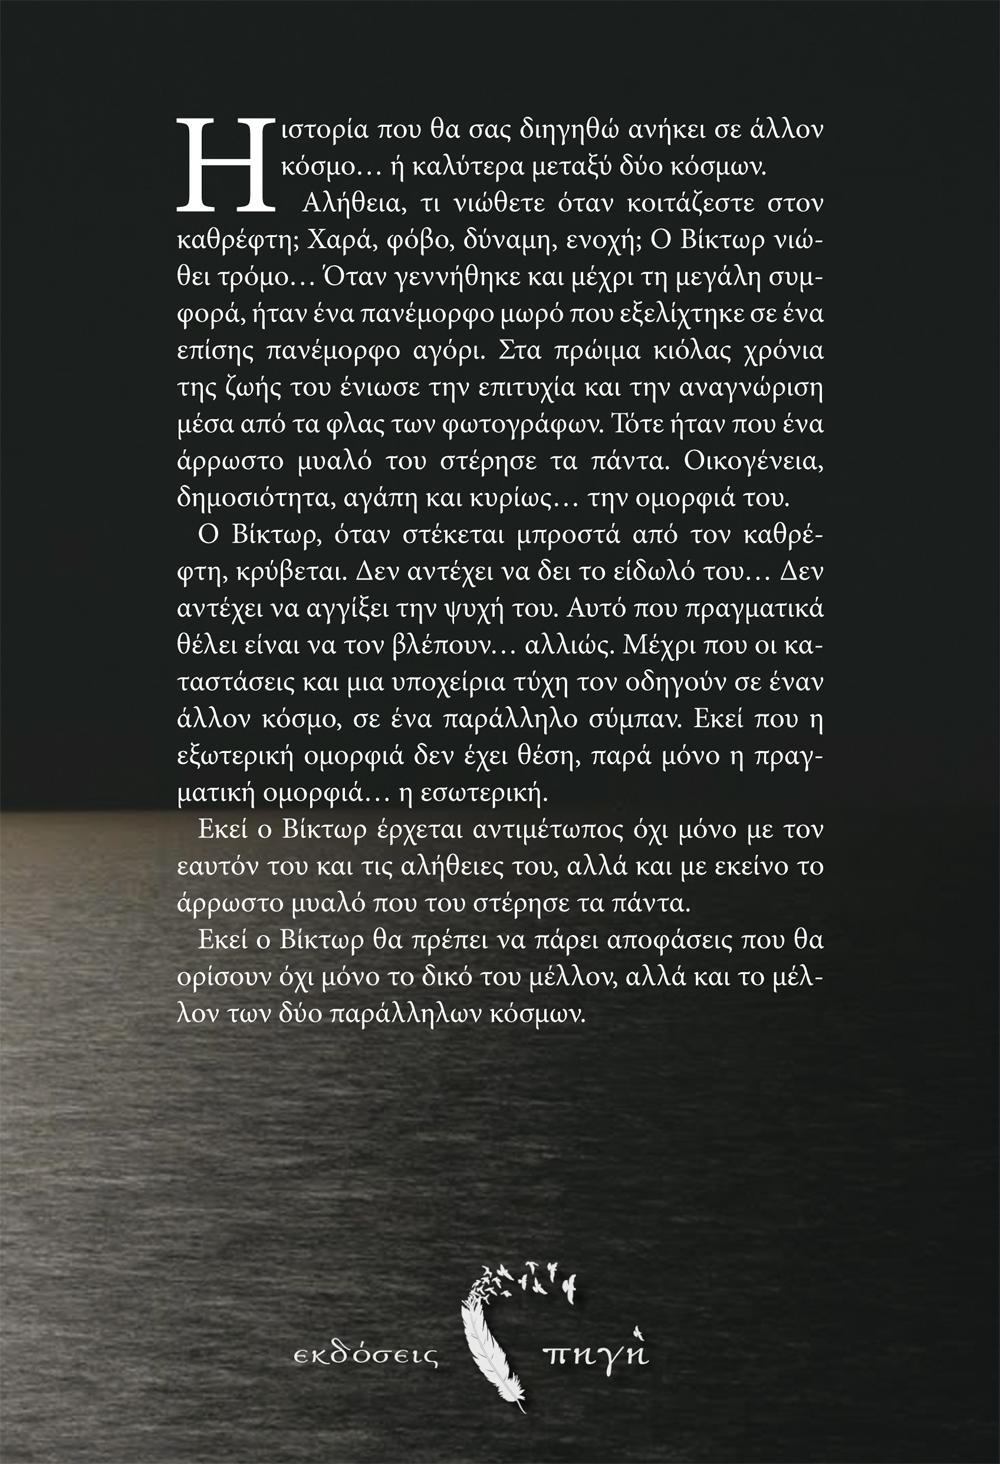 Δες με αλλιώς, Νεκτάριος-Παναγιώτης Μπουτεράκος, Εκδόσεις Πηγή - www.pigi.gr